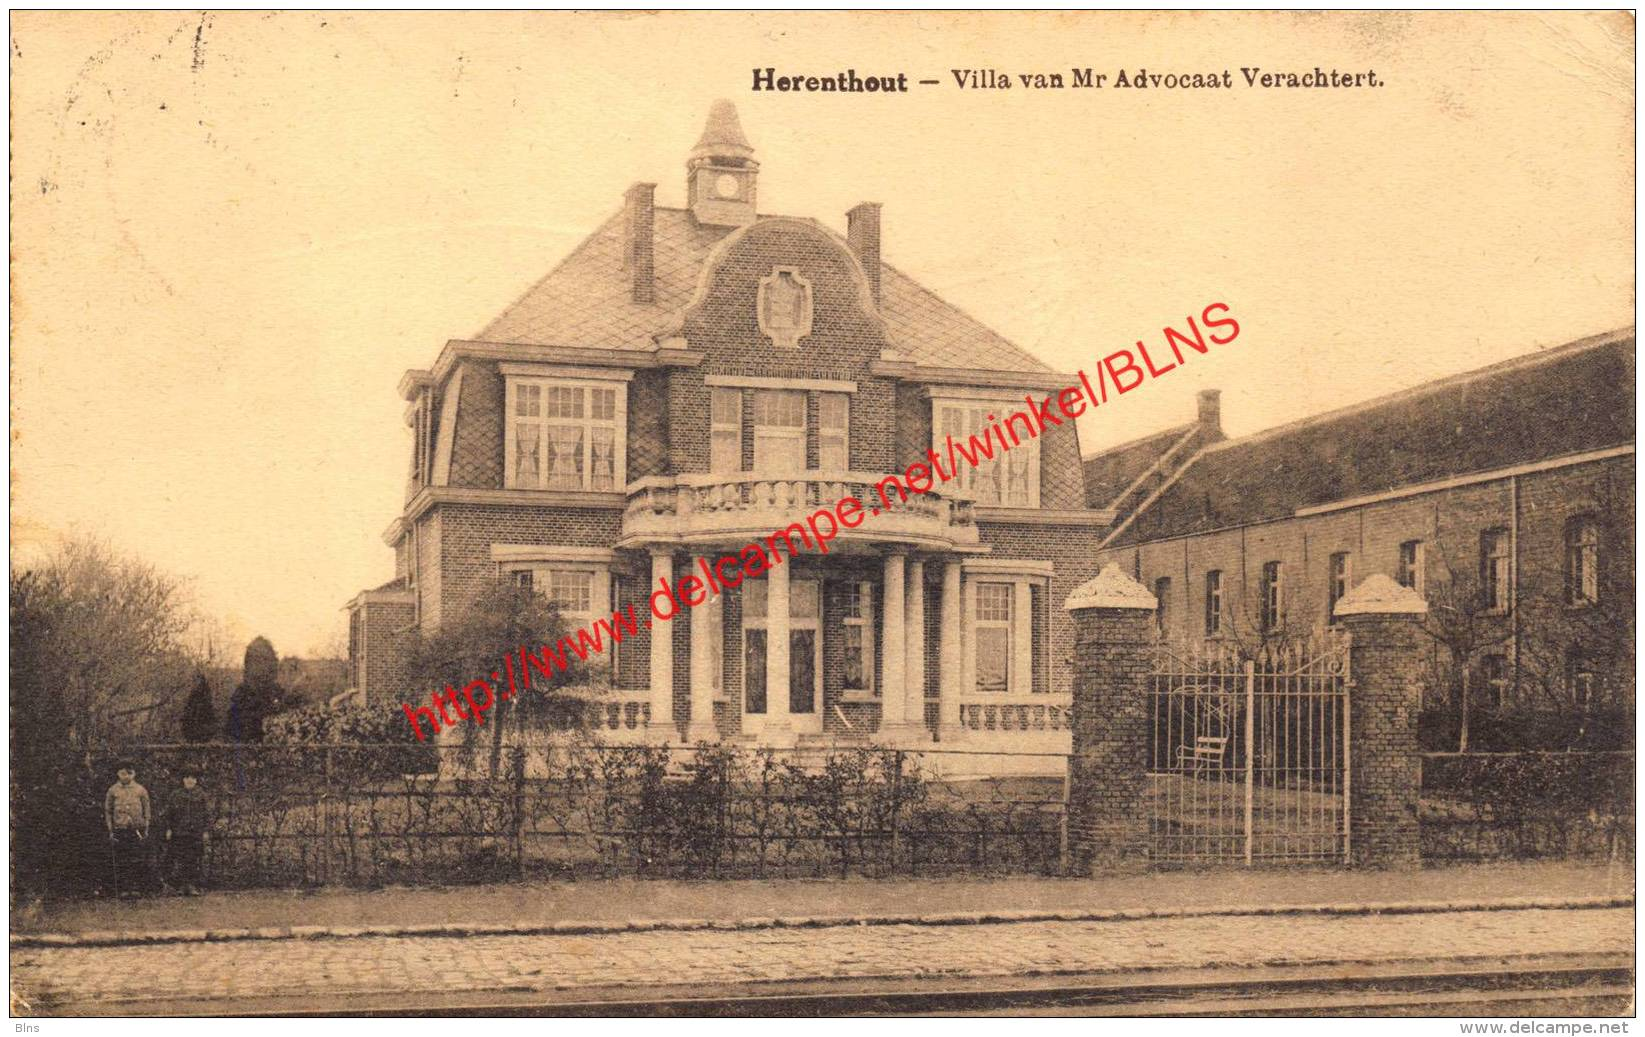 Villa Van Mr Advocaat Verachtert - Herenthout - Herenthout